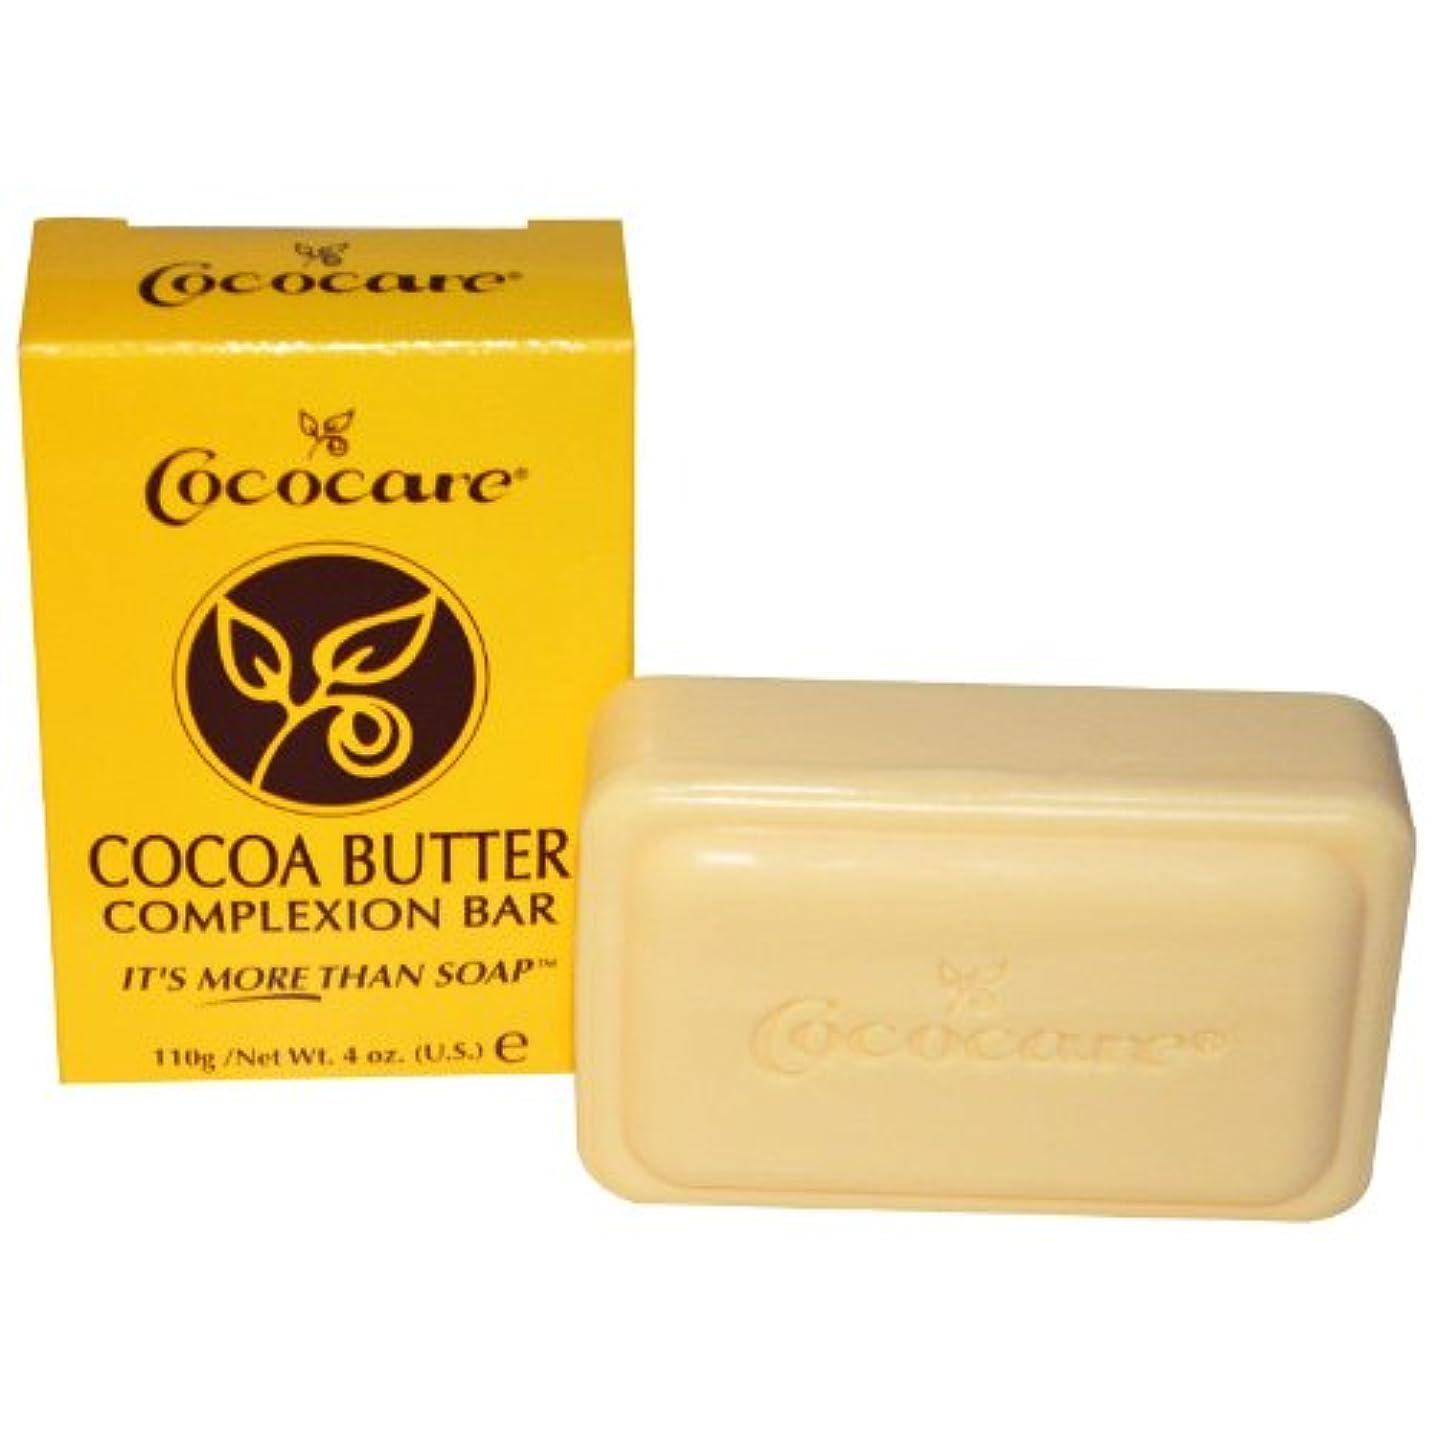 放映方程式エンディングCococare, Cocoa Butter Complexion Bar, 4 oz (110 g) [並行輸入品]